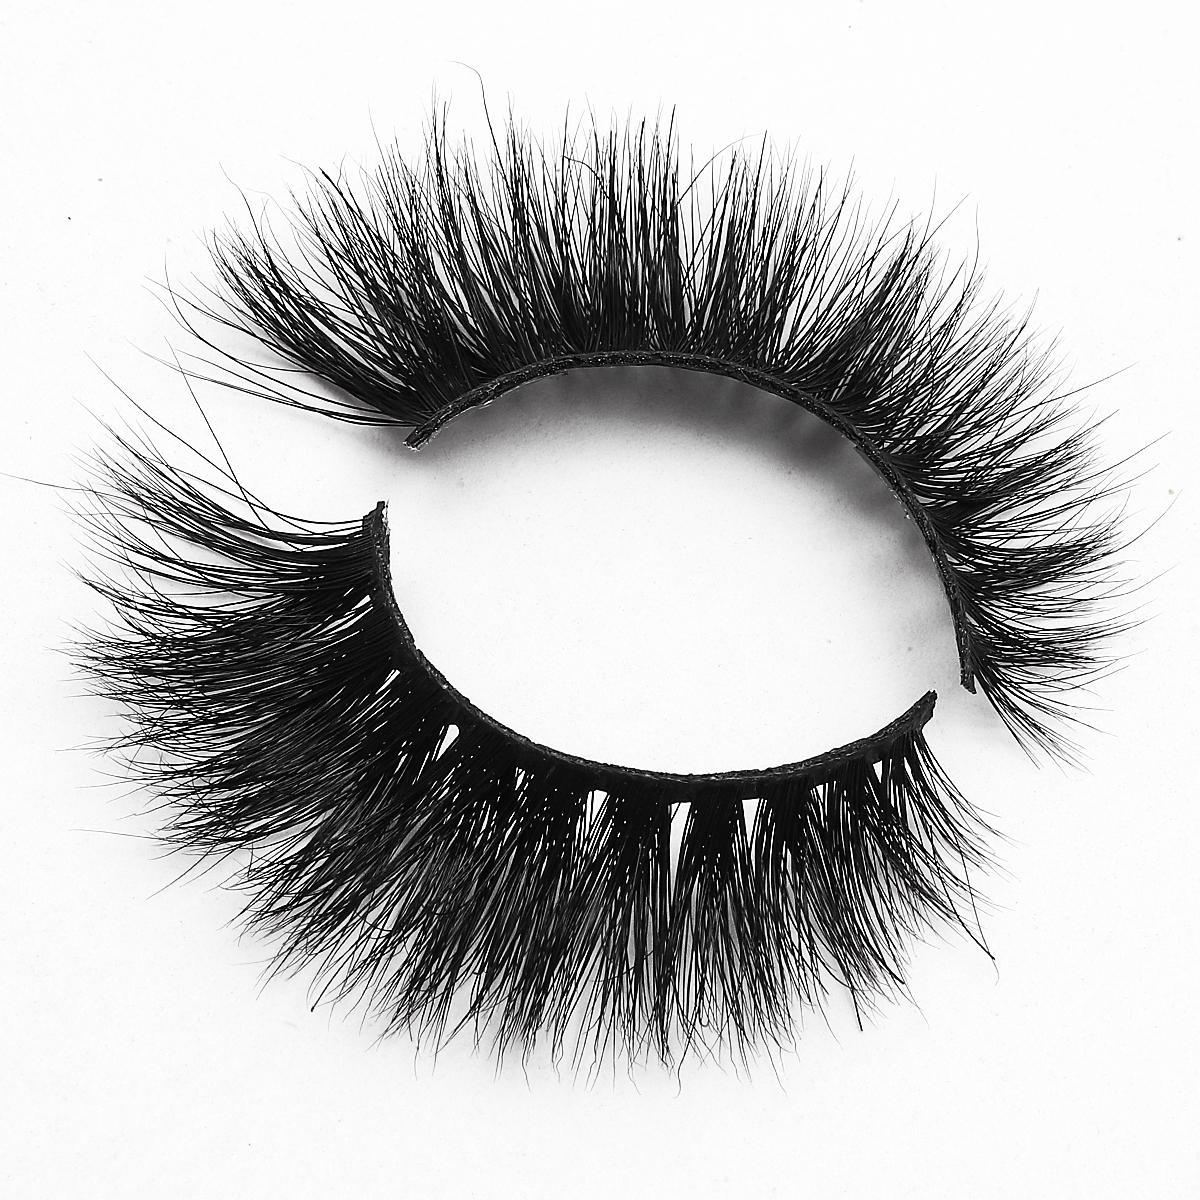 [Mink falsche Wimpern-MX39] echte Mink-Wimpern 1 Paar Mode-Augen-Make-up-Werkzeuge natürlichen Verlängerungs-Augenschwanz-Fälschungswimpern